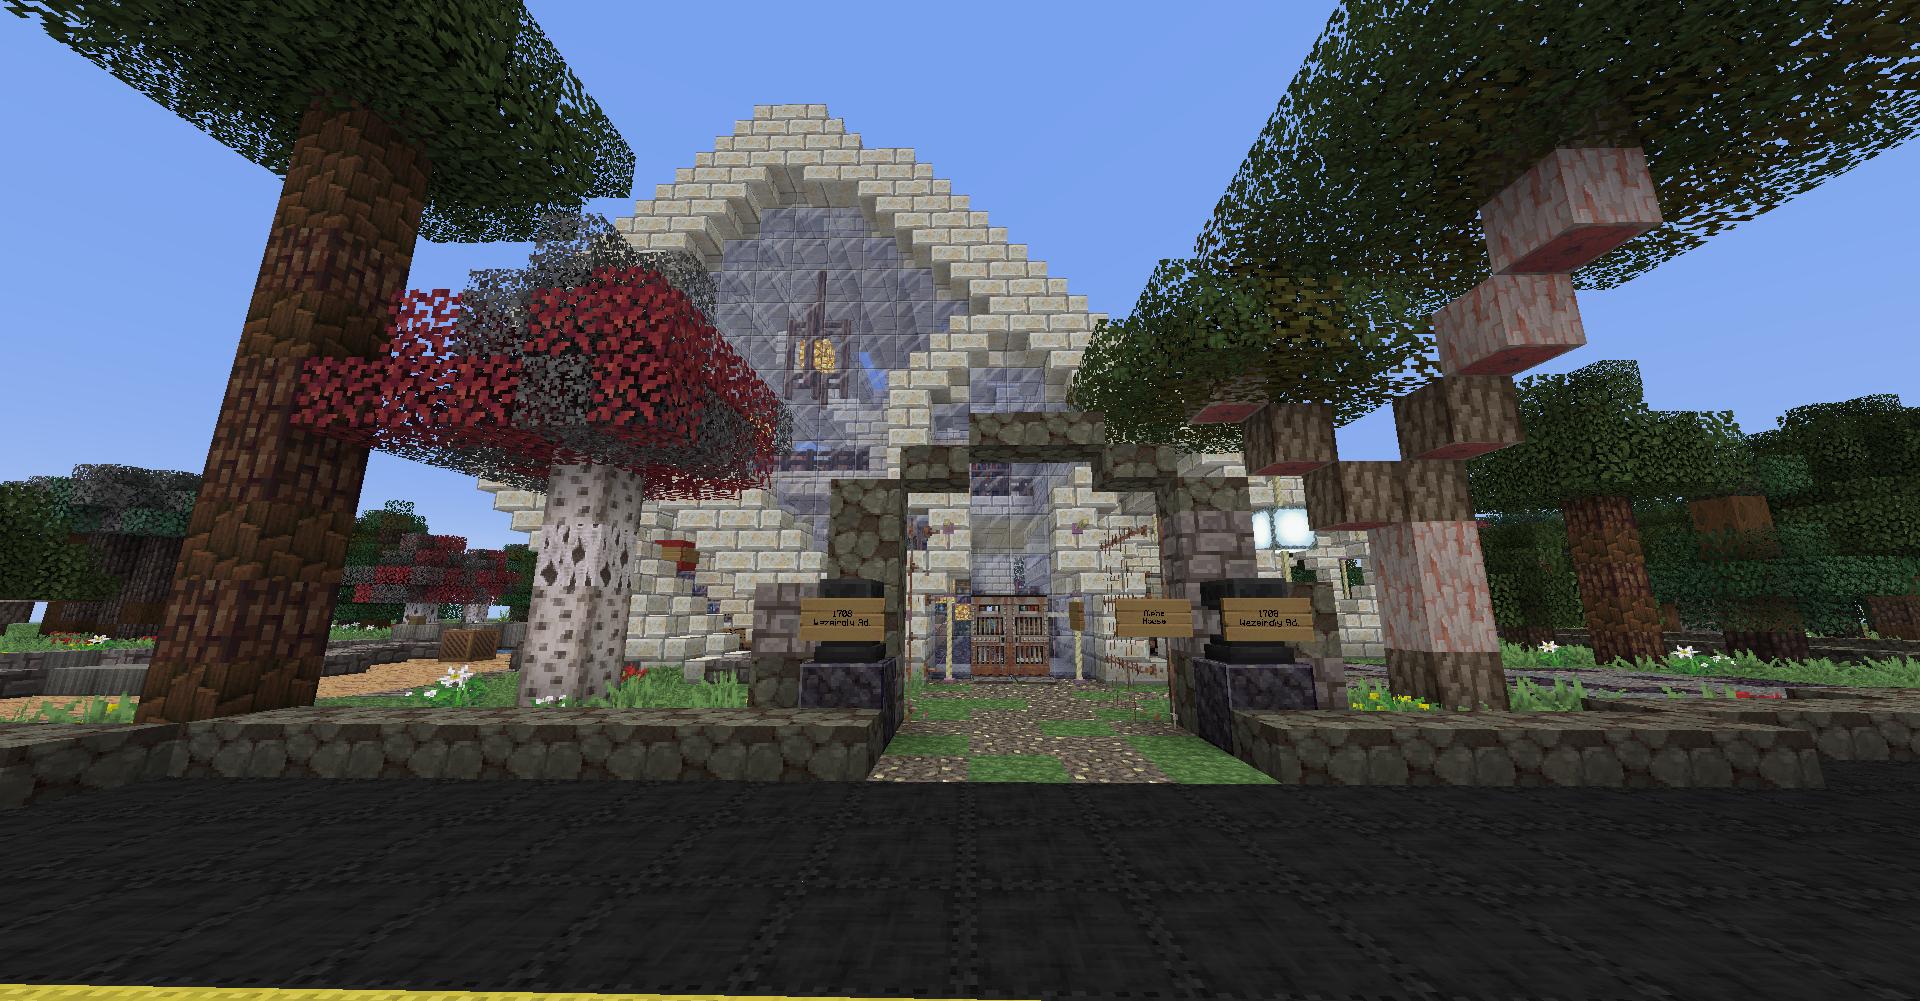 Minecraft Karte Machen.Herunterladen Alphahouse Karte Für Minecraft